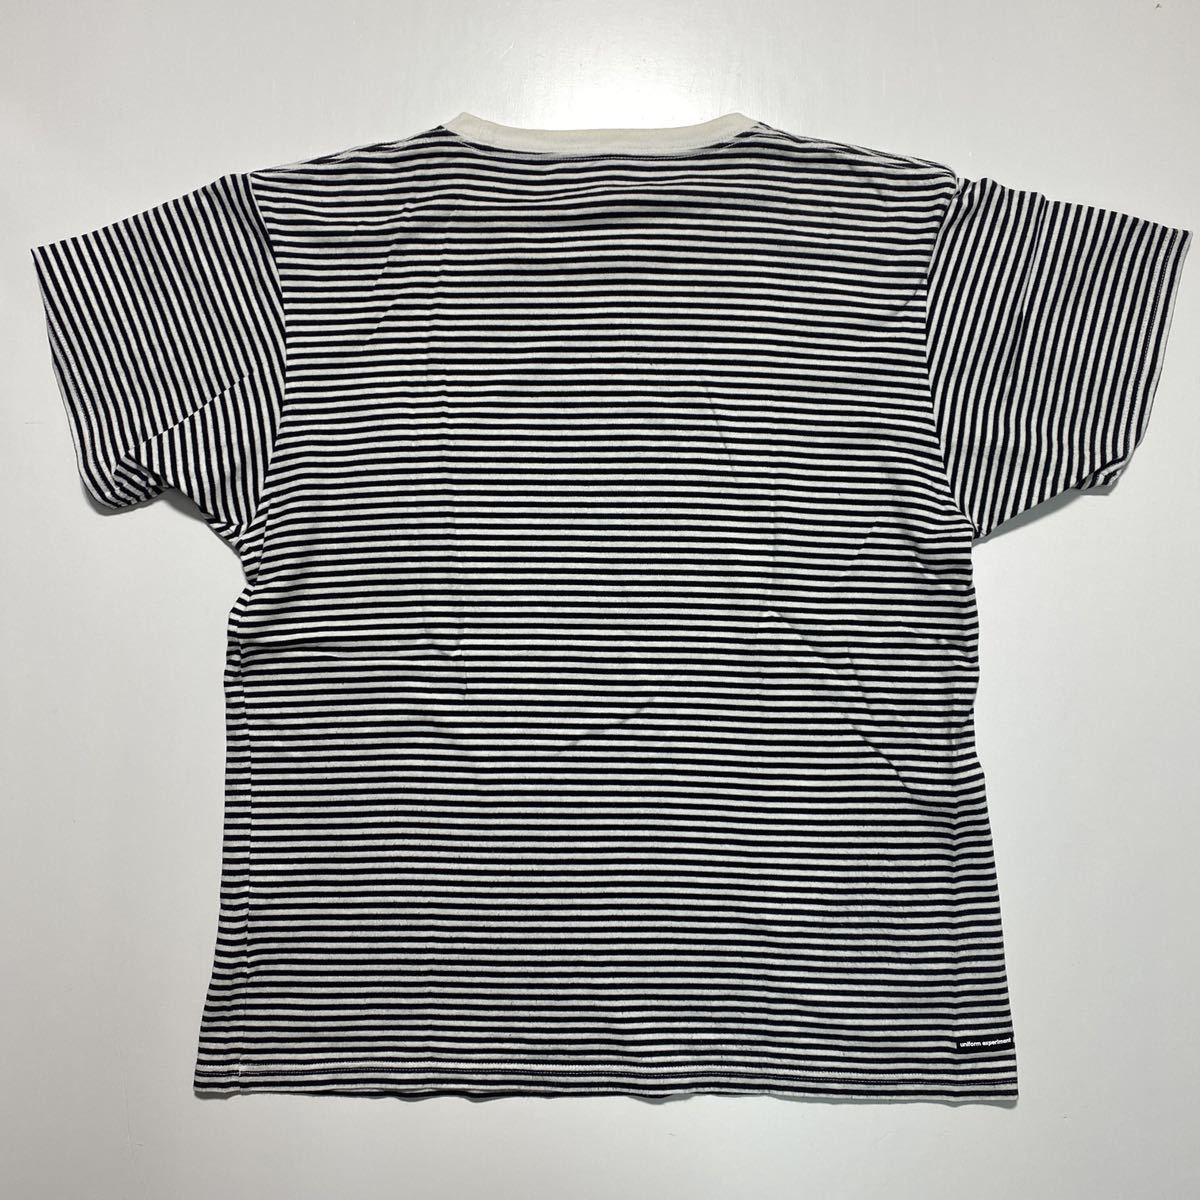 【2】uniform experiment Fragment design Border Tee ユニフォーム エクスペリメント フラグメントデザイン ボーダー Tシャツ G484_画像2